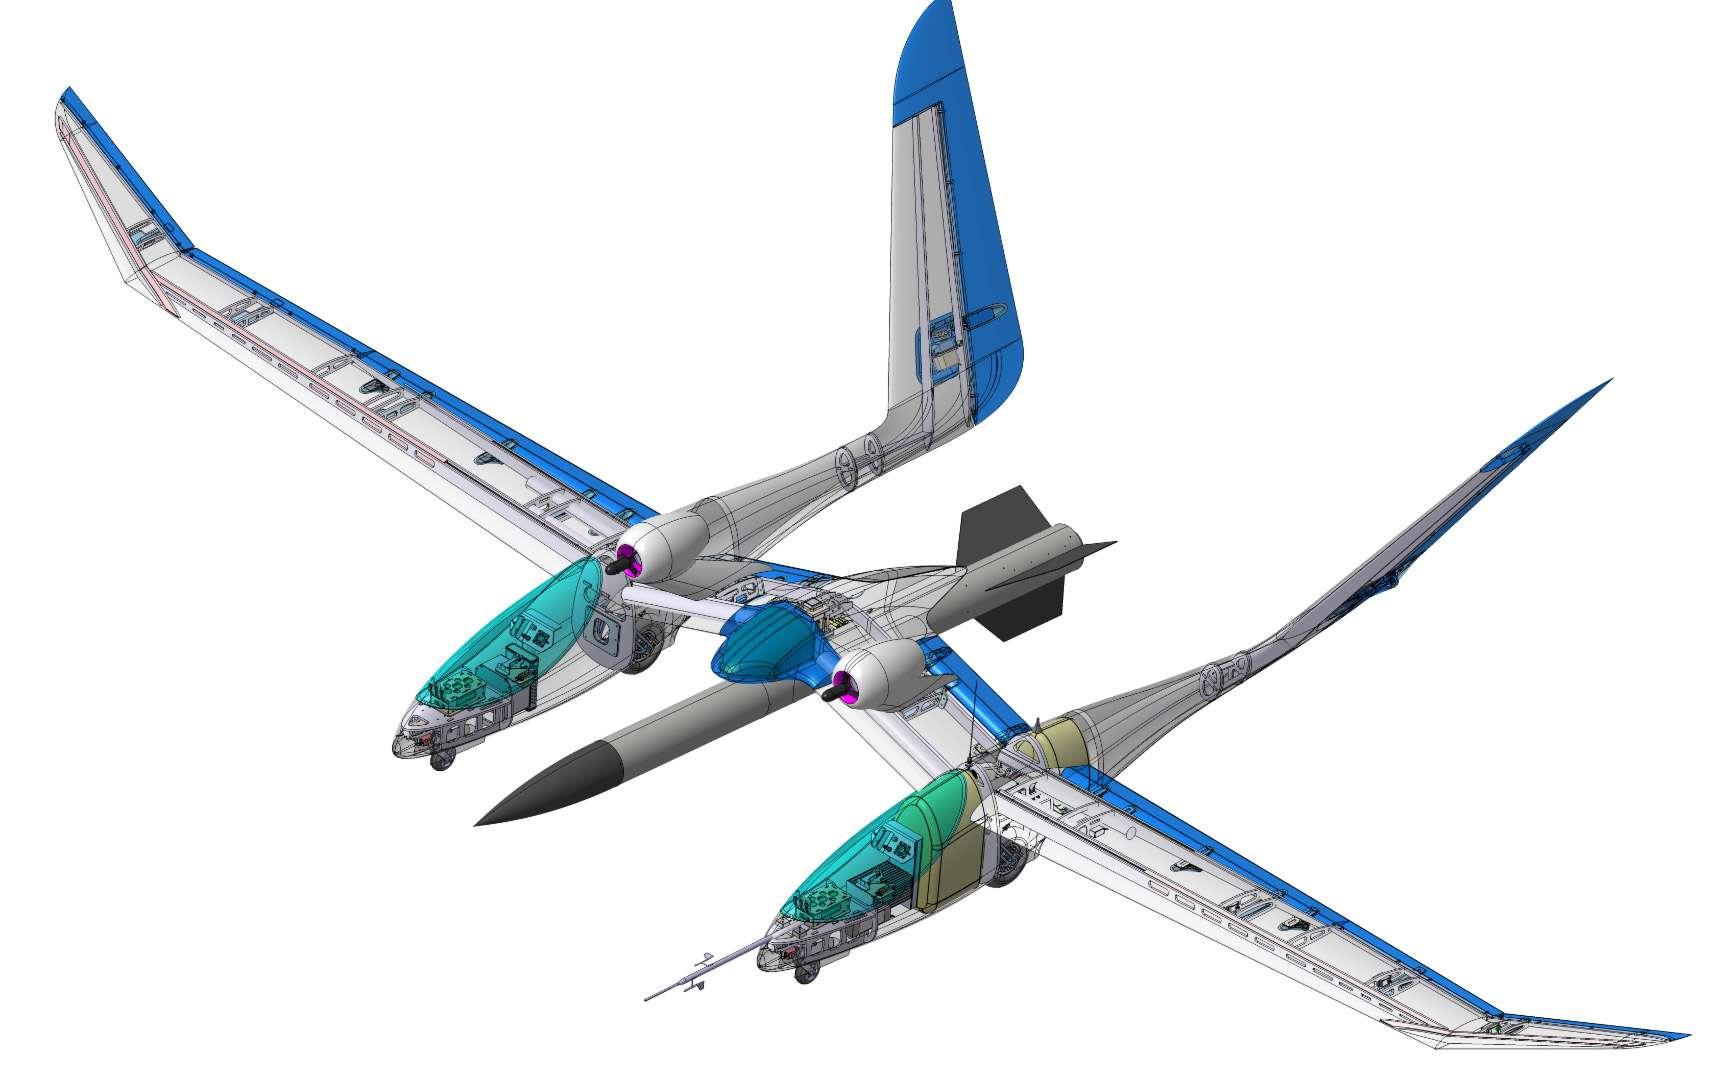 Eole est un démonstrateur à petite échelle (6,7 mètres d'envergure) d'un système de lancement aéroporté d'une envergure d'une trentaine de mètres. © Onera Office national d'études et de recherches aérospatiales - Wikipédia